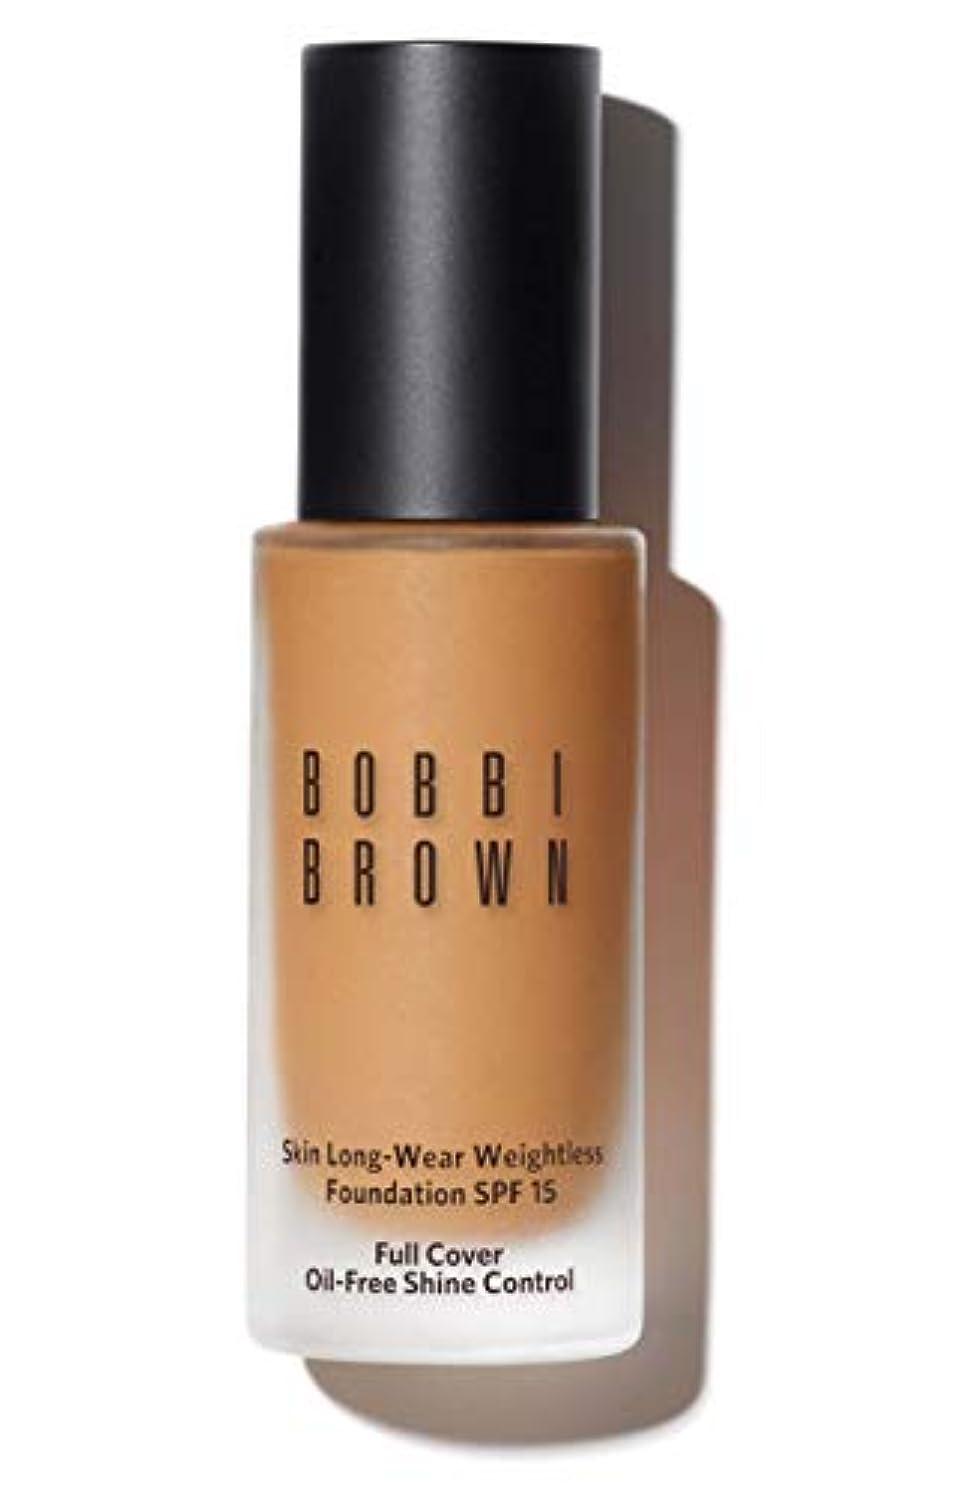 陪審速記蒸発ボビイ ブラウン Skin Long Wear Weightless Foundation SPF 15 - # Natural 30ml/1oz並行輸入品